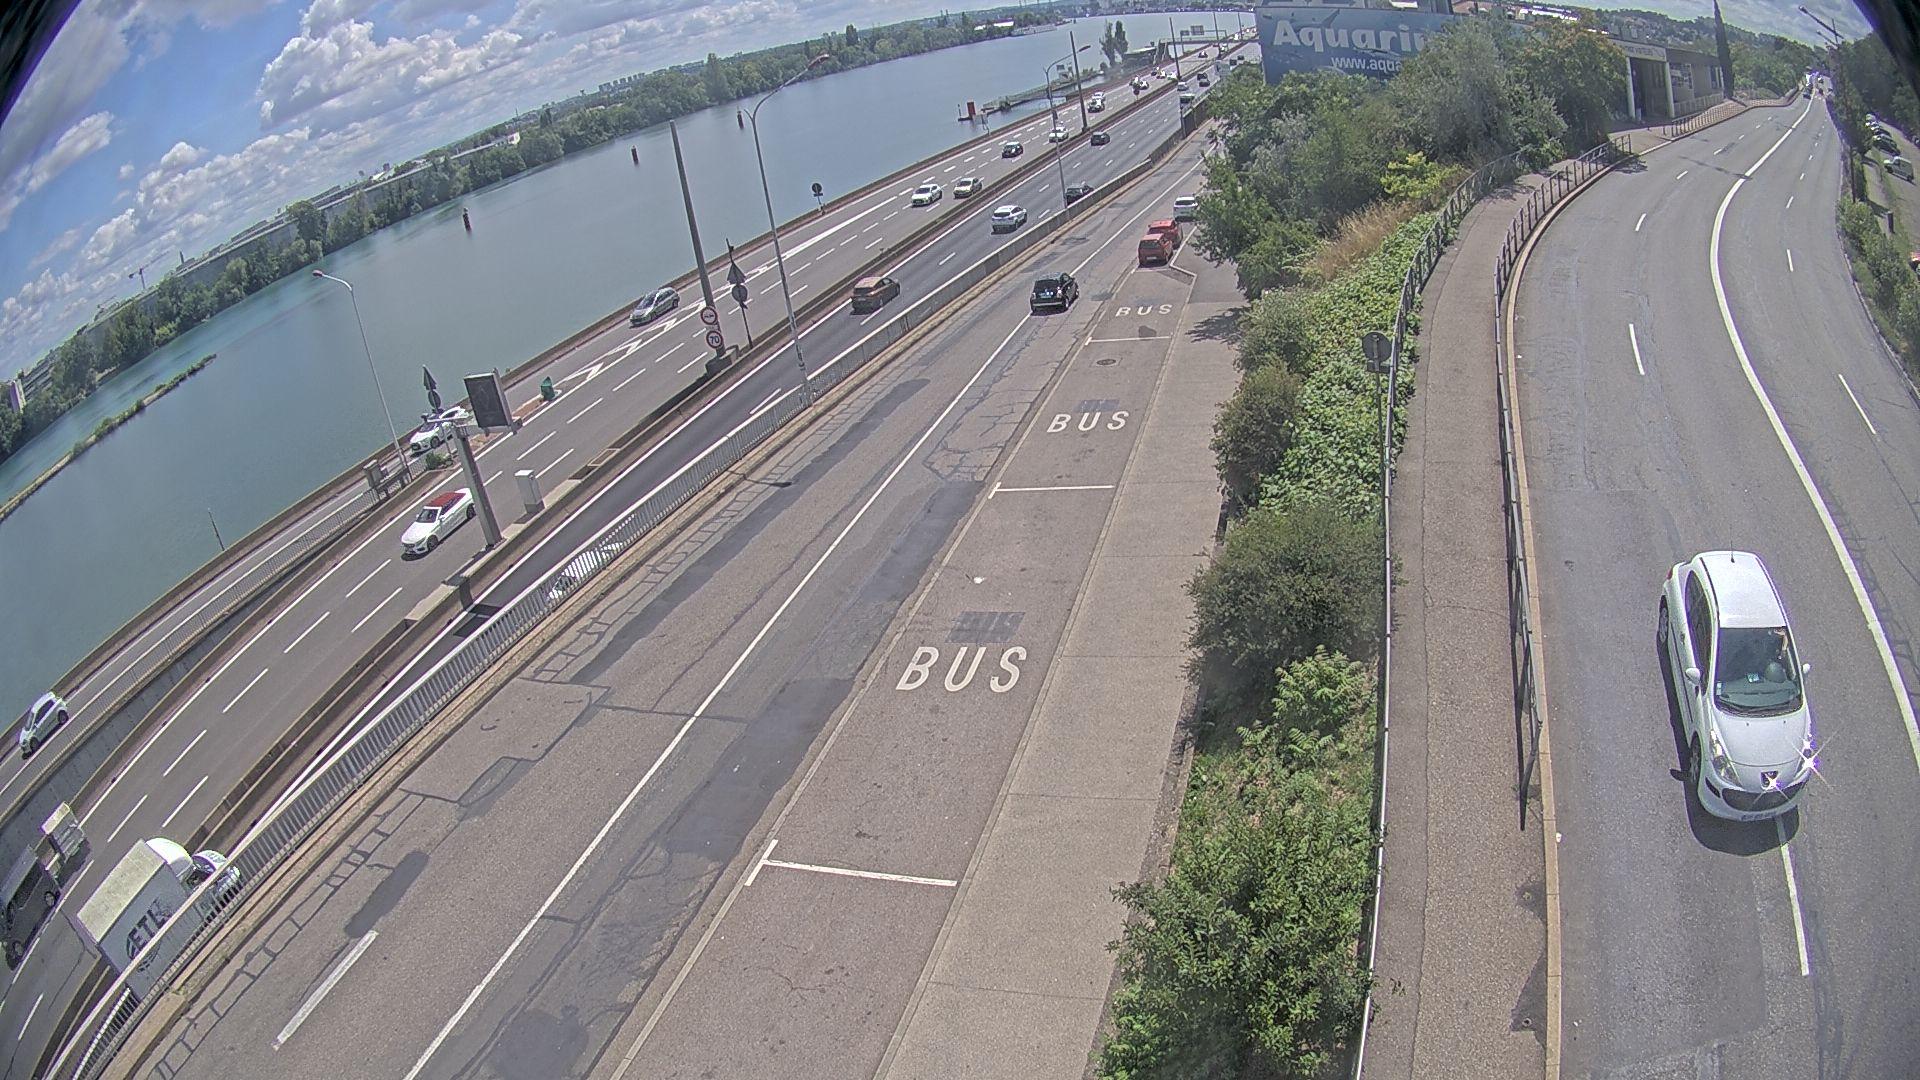 Caméra trafic sur A7 à Lyon, au niveau du Pont de la Mulatière, vue orientée vers Marseille